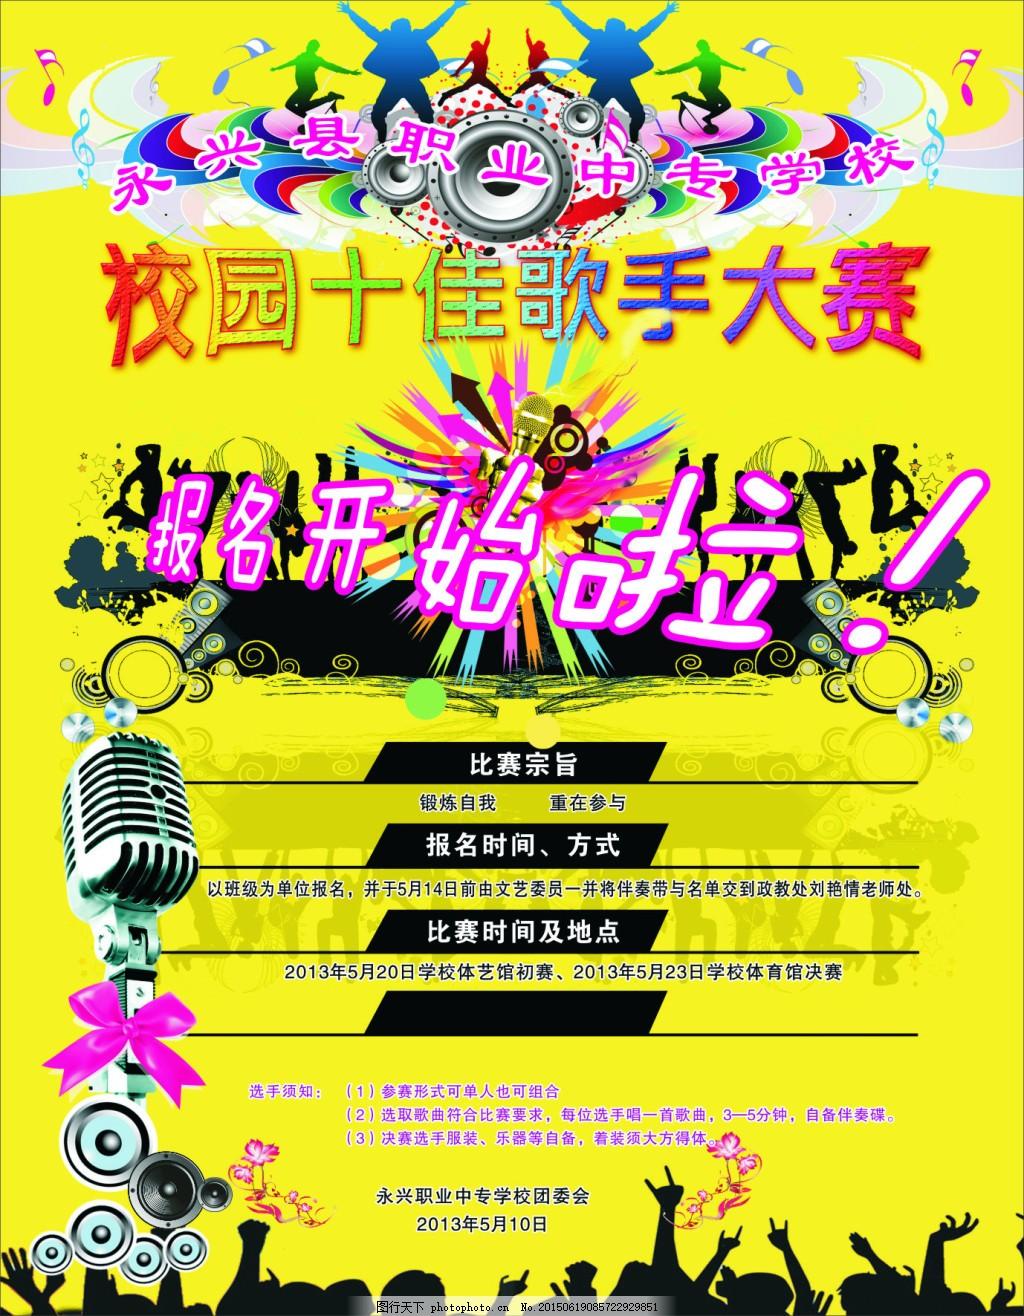 歌咏比赛海报 宣传海报 校园 十大歌手 话筒 音箱 舞蹈 黄色